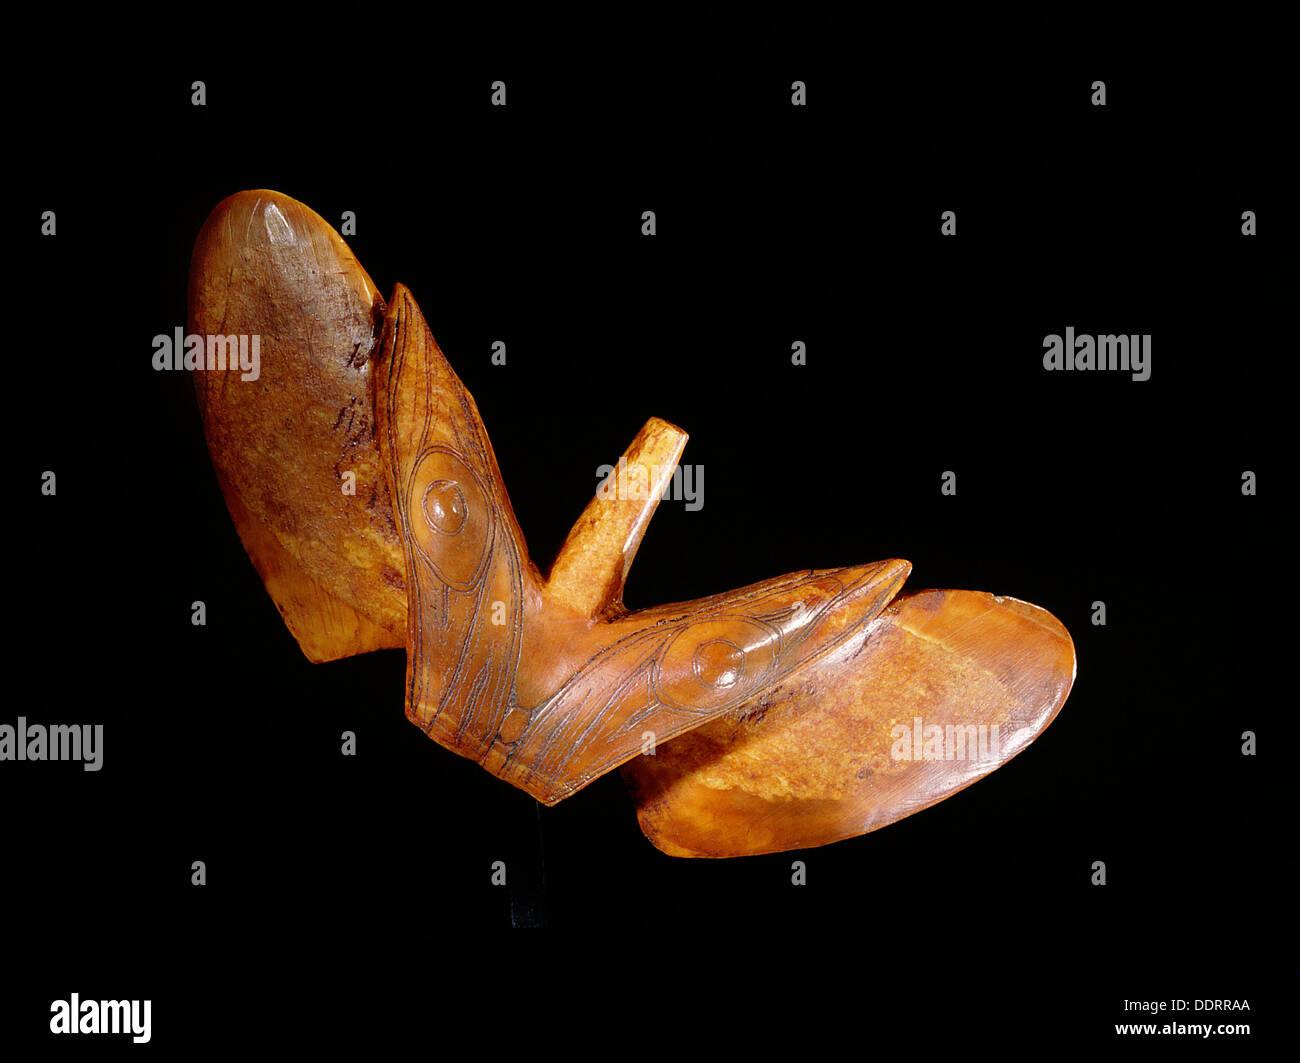 Objet ailé (forme d'oiseaux), Eskimo, ancien de la mer de Béring, de la culture, de l'île St Lawence c200 AD. Artiste: Werner Forman Photo Stock